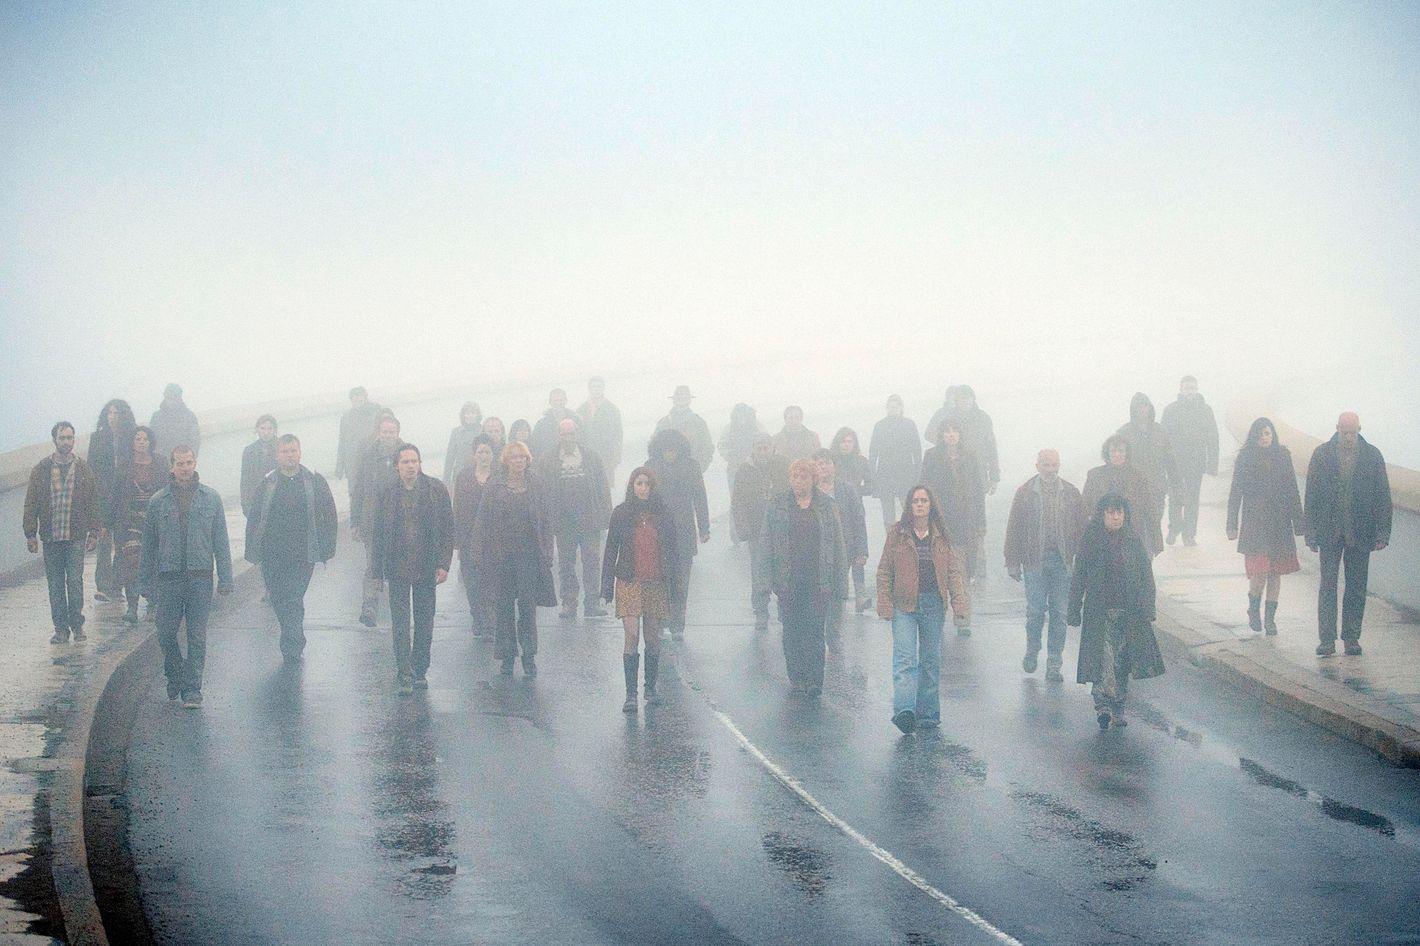 Les Revenants | The Returned 2012